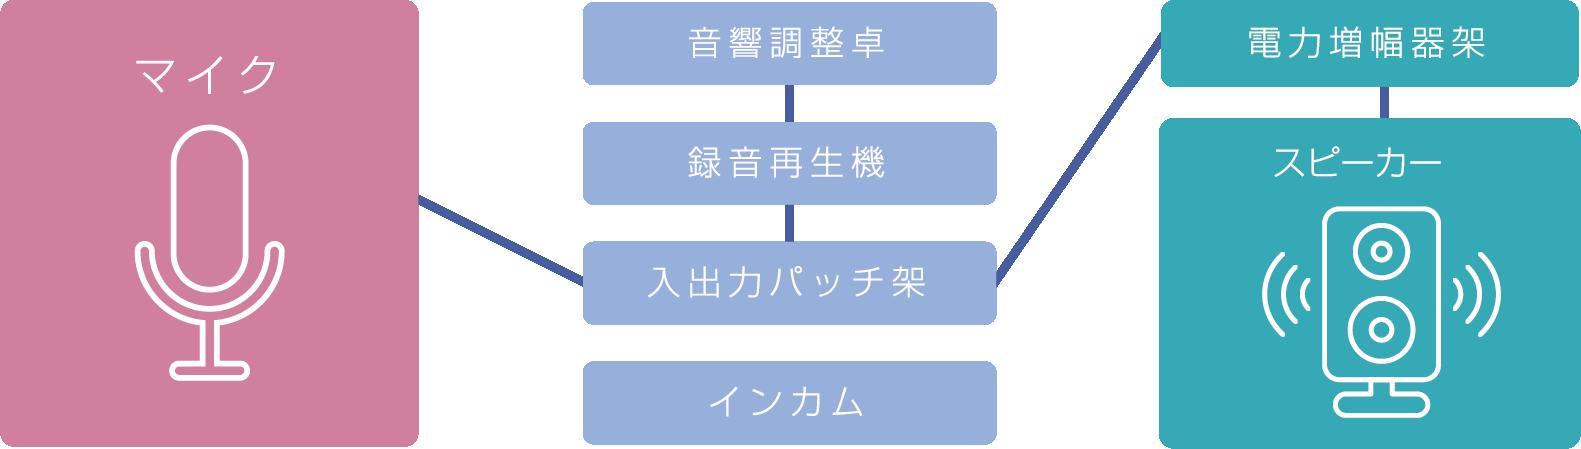 音響系統図